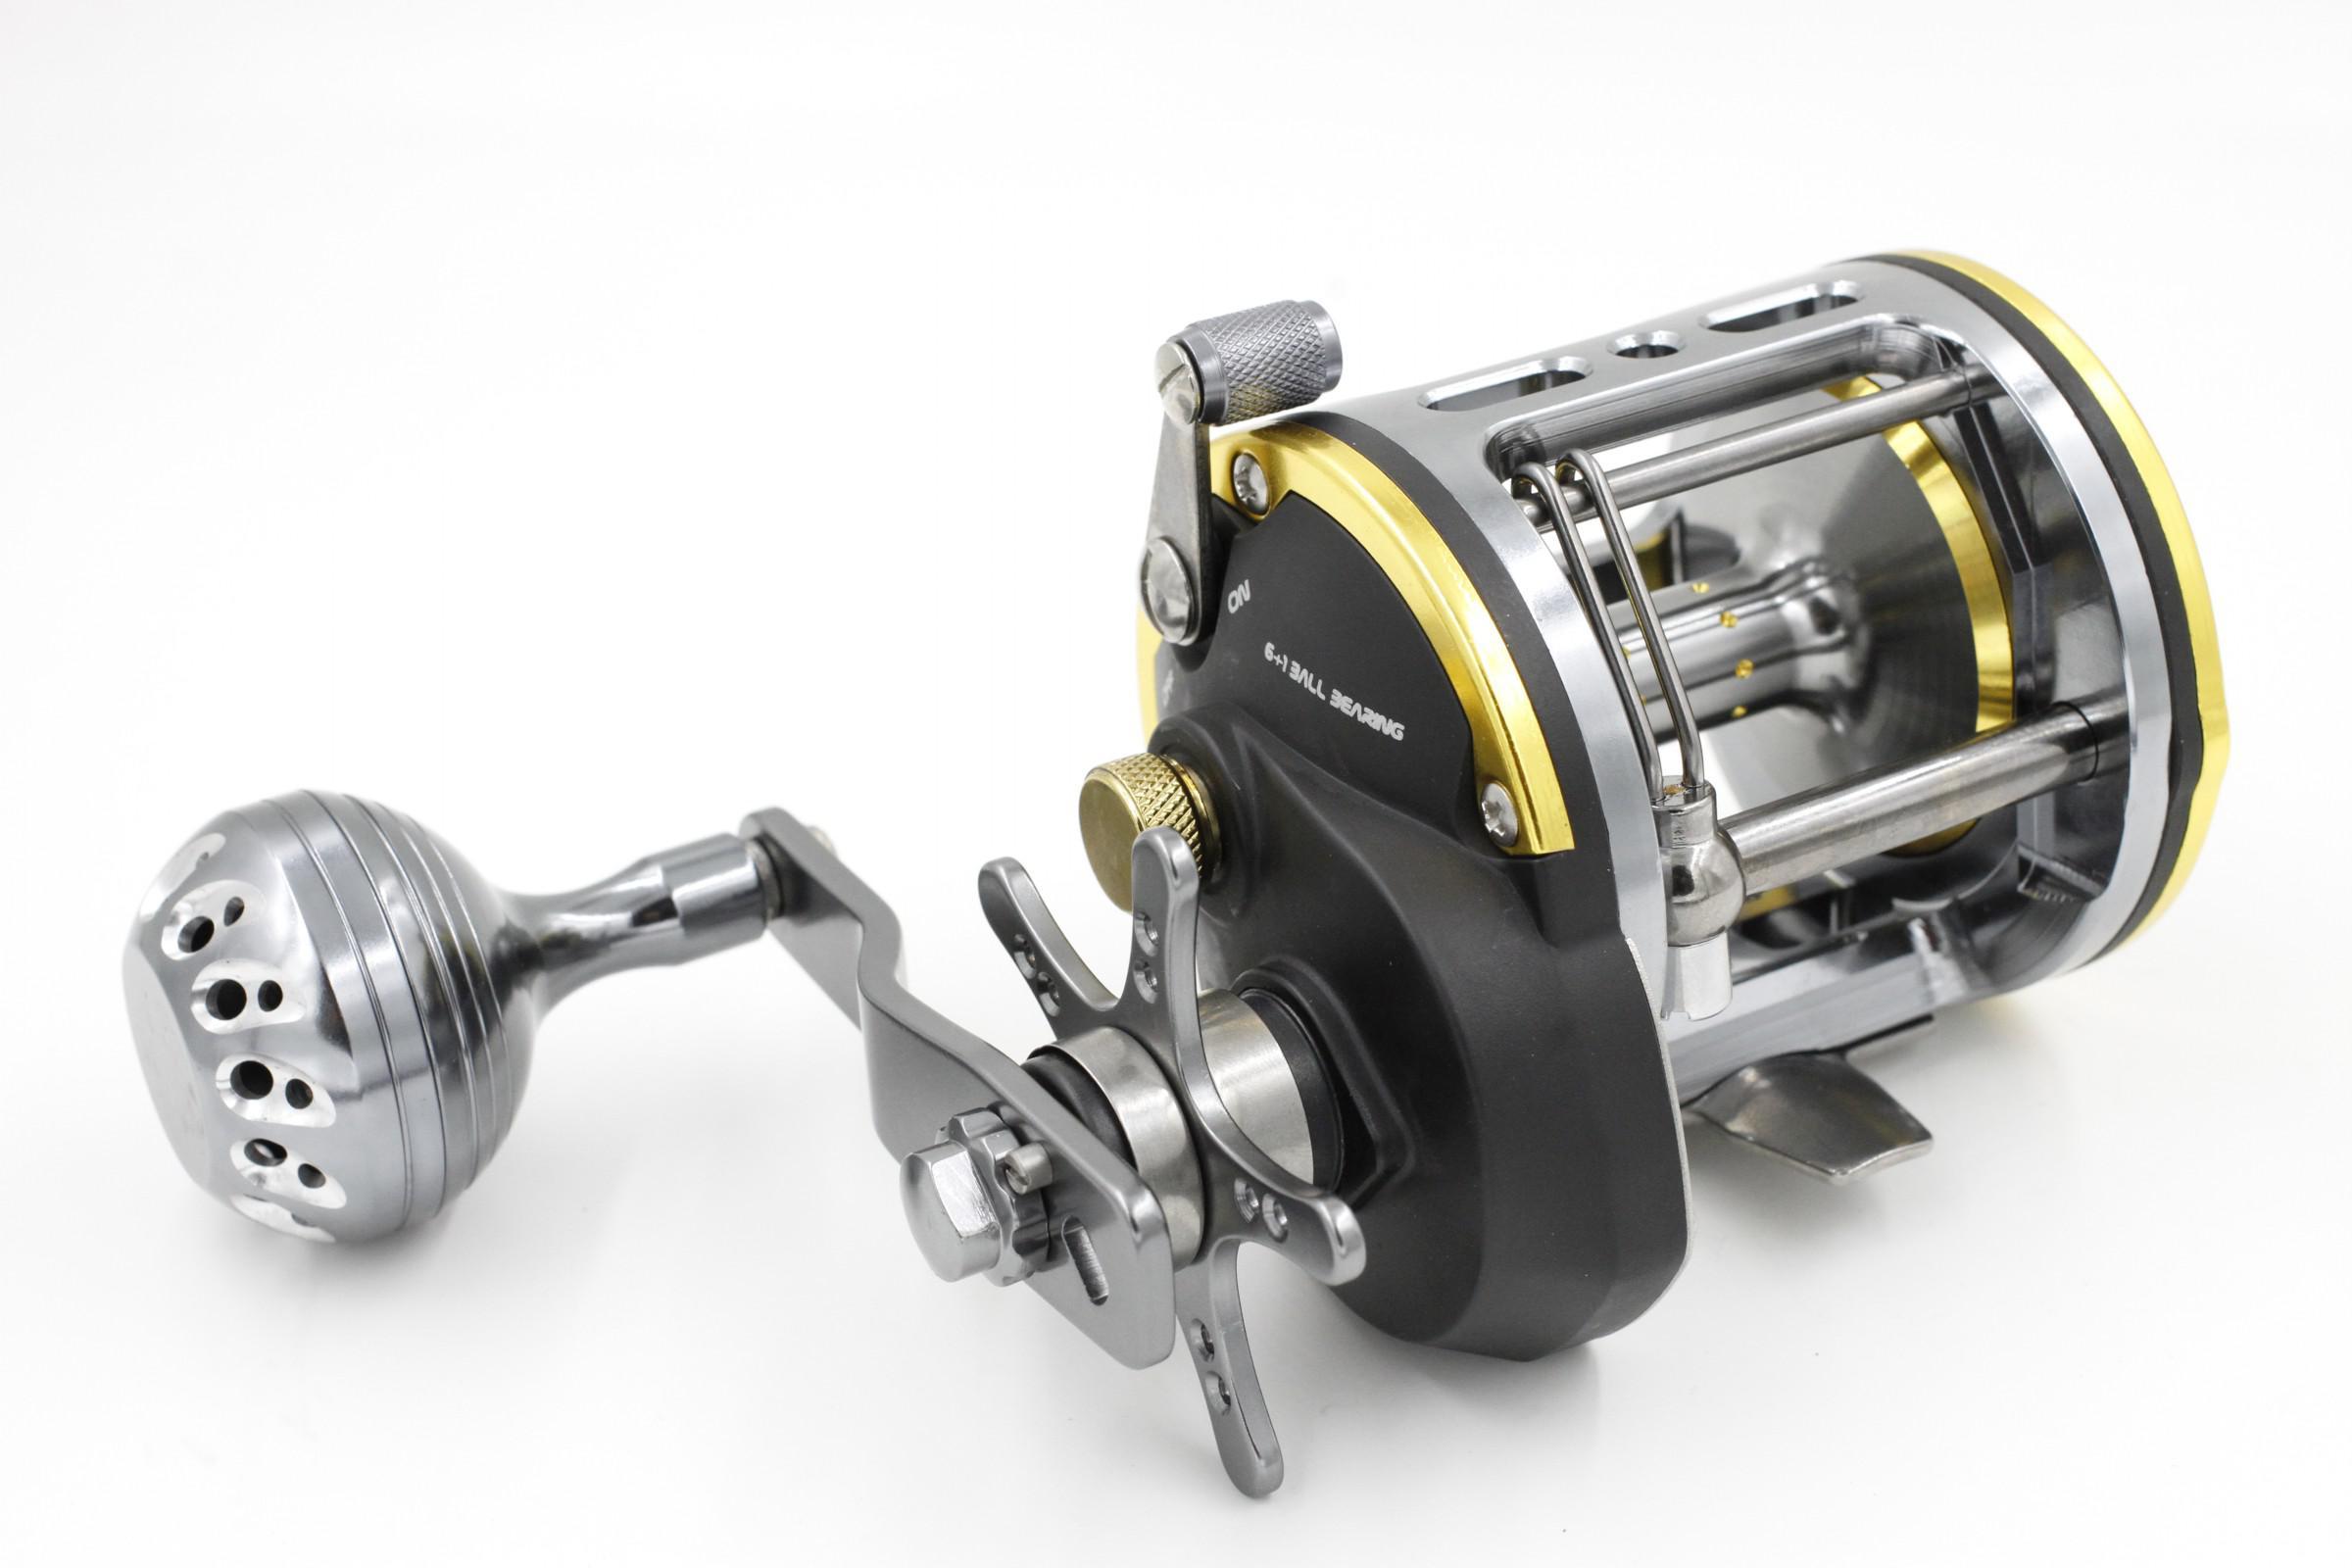 new singnol trolling reel stb3307 6+1bb saltwater fishing reel, Reel Combo